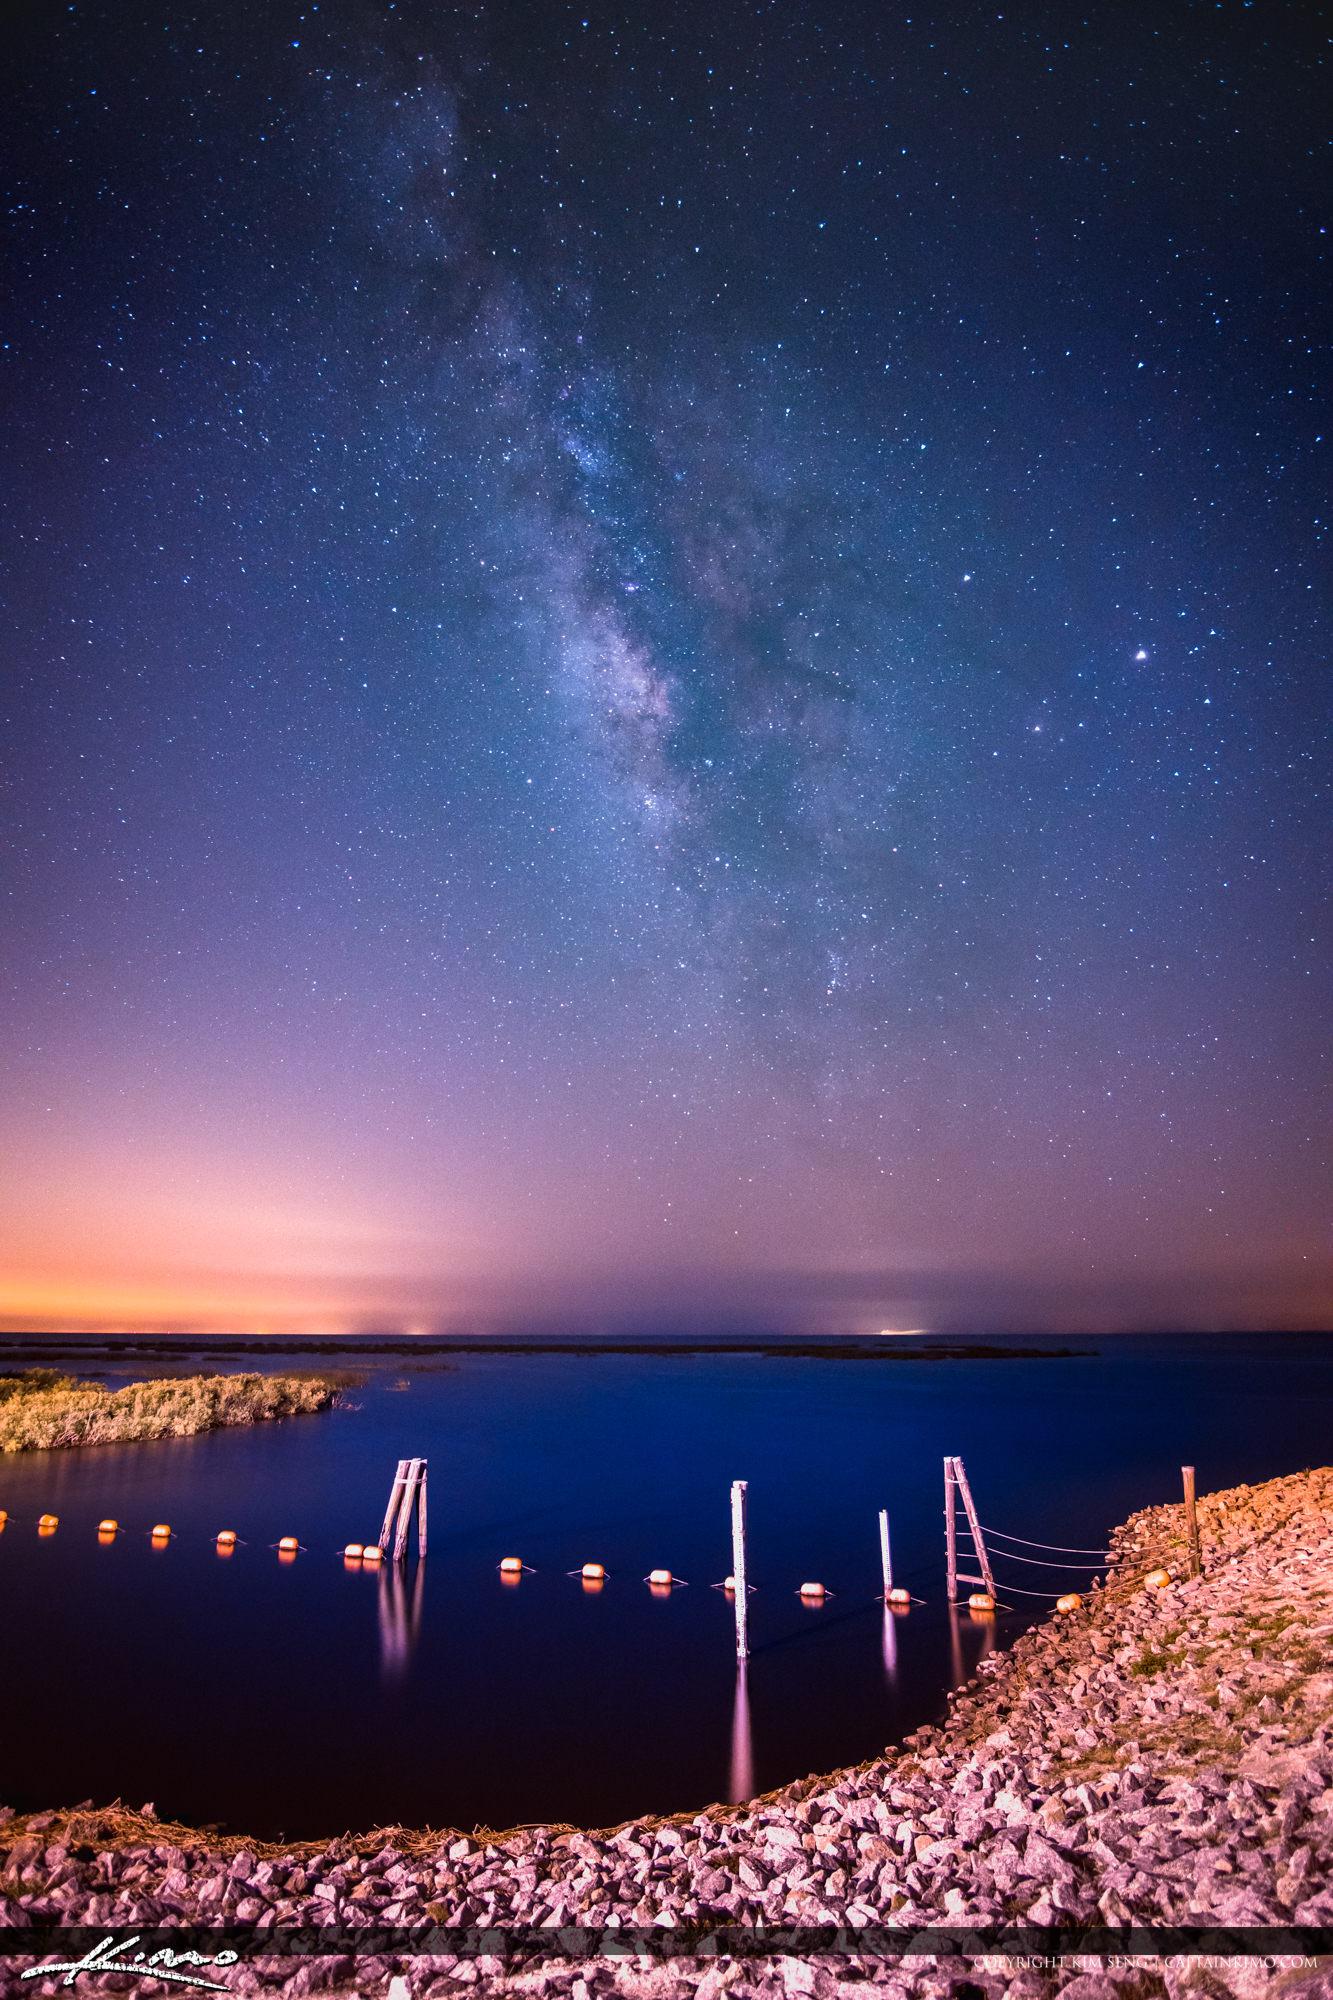 Milkyway Over Lake Okeechobee Florida